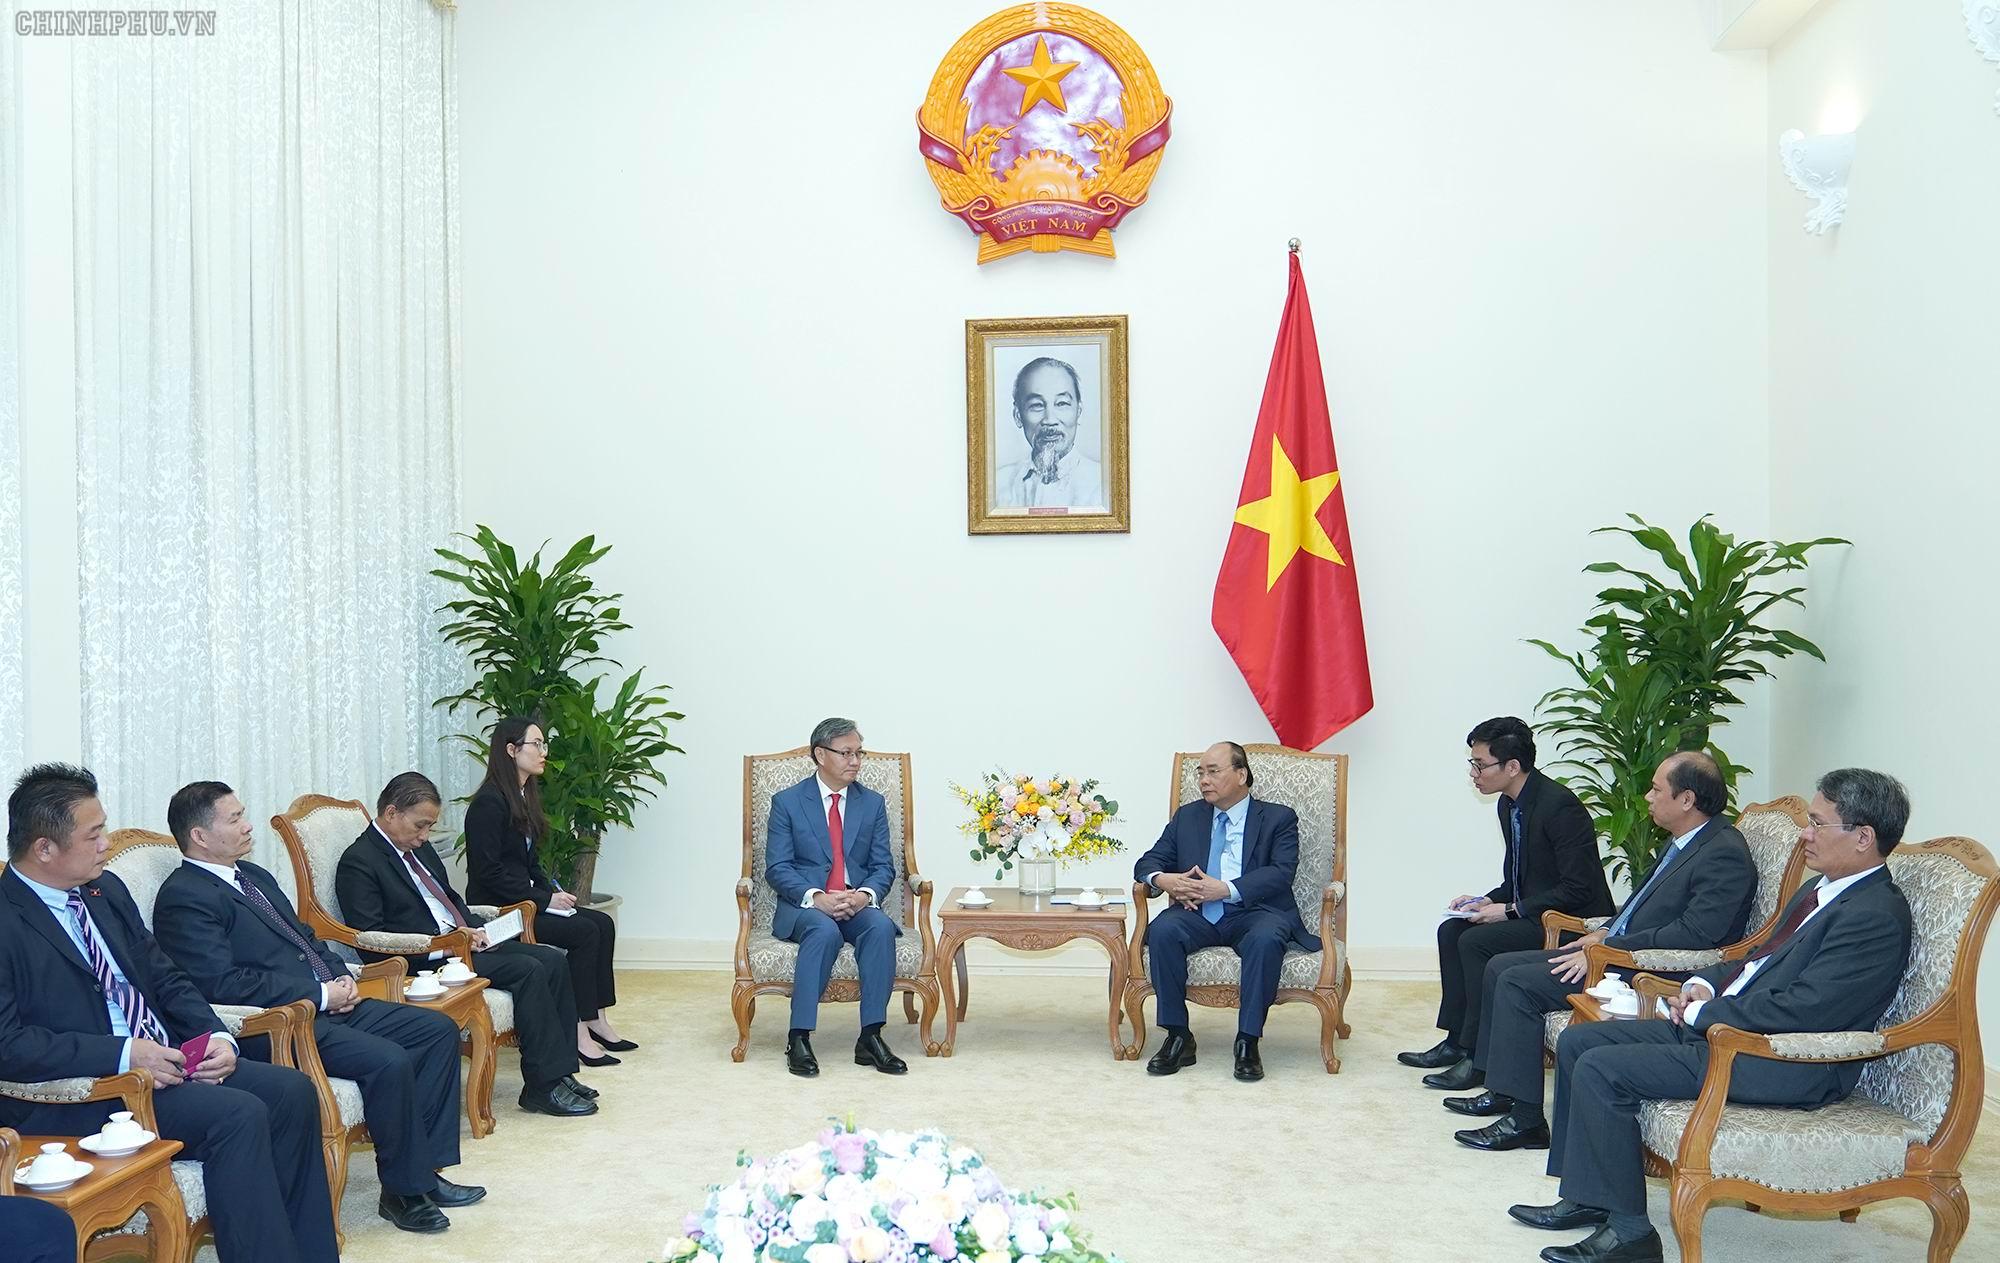 Thủ tướng tiếp Đại sứ Lào chào từ biệt kết thúc nhiệm kỳ - Hình 2